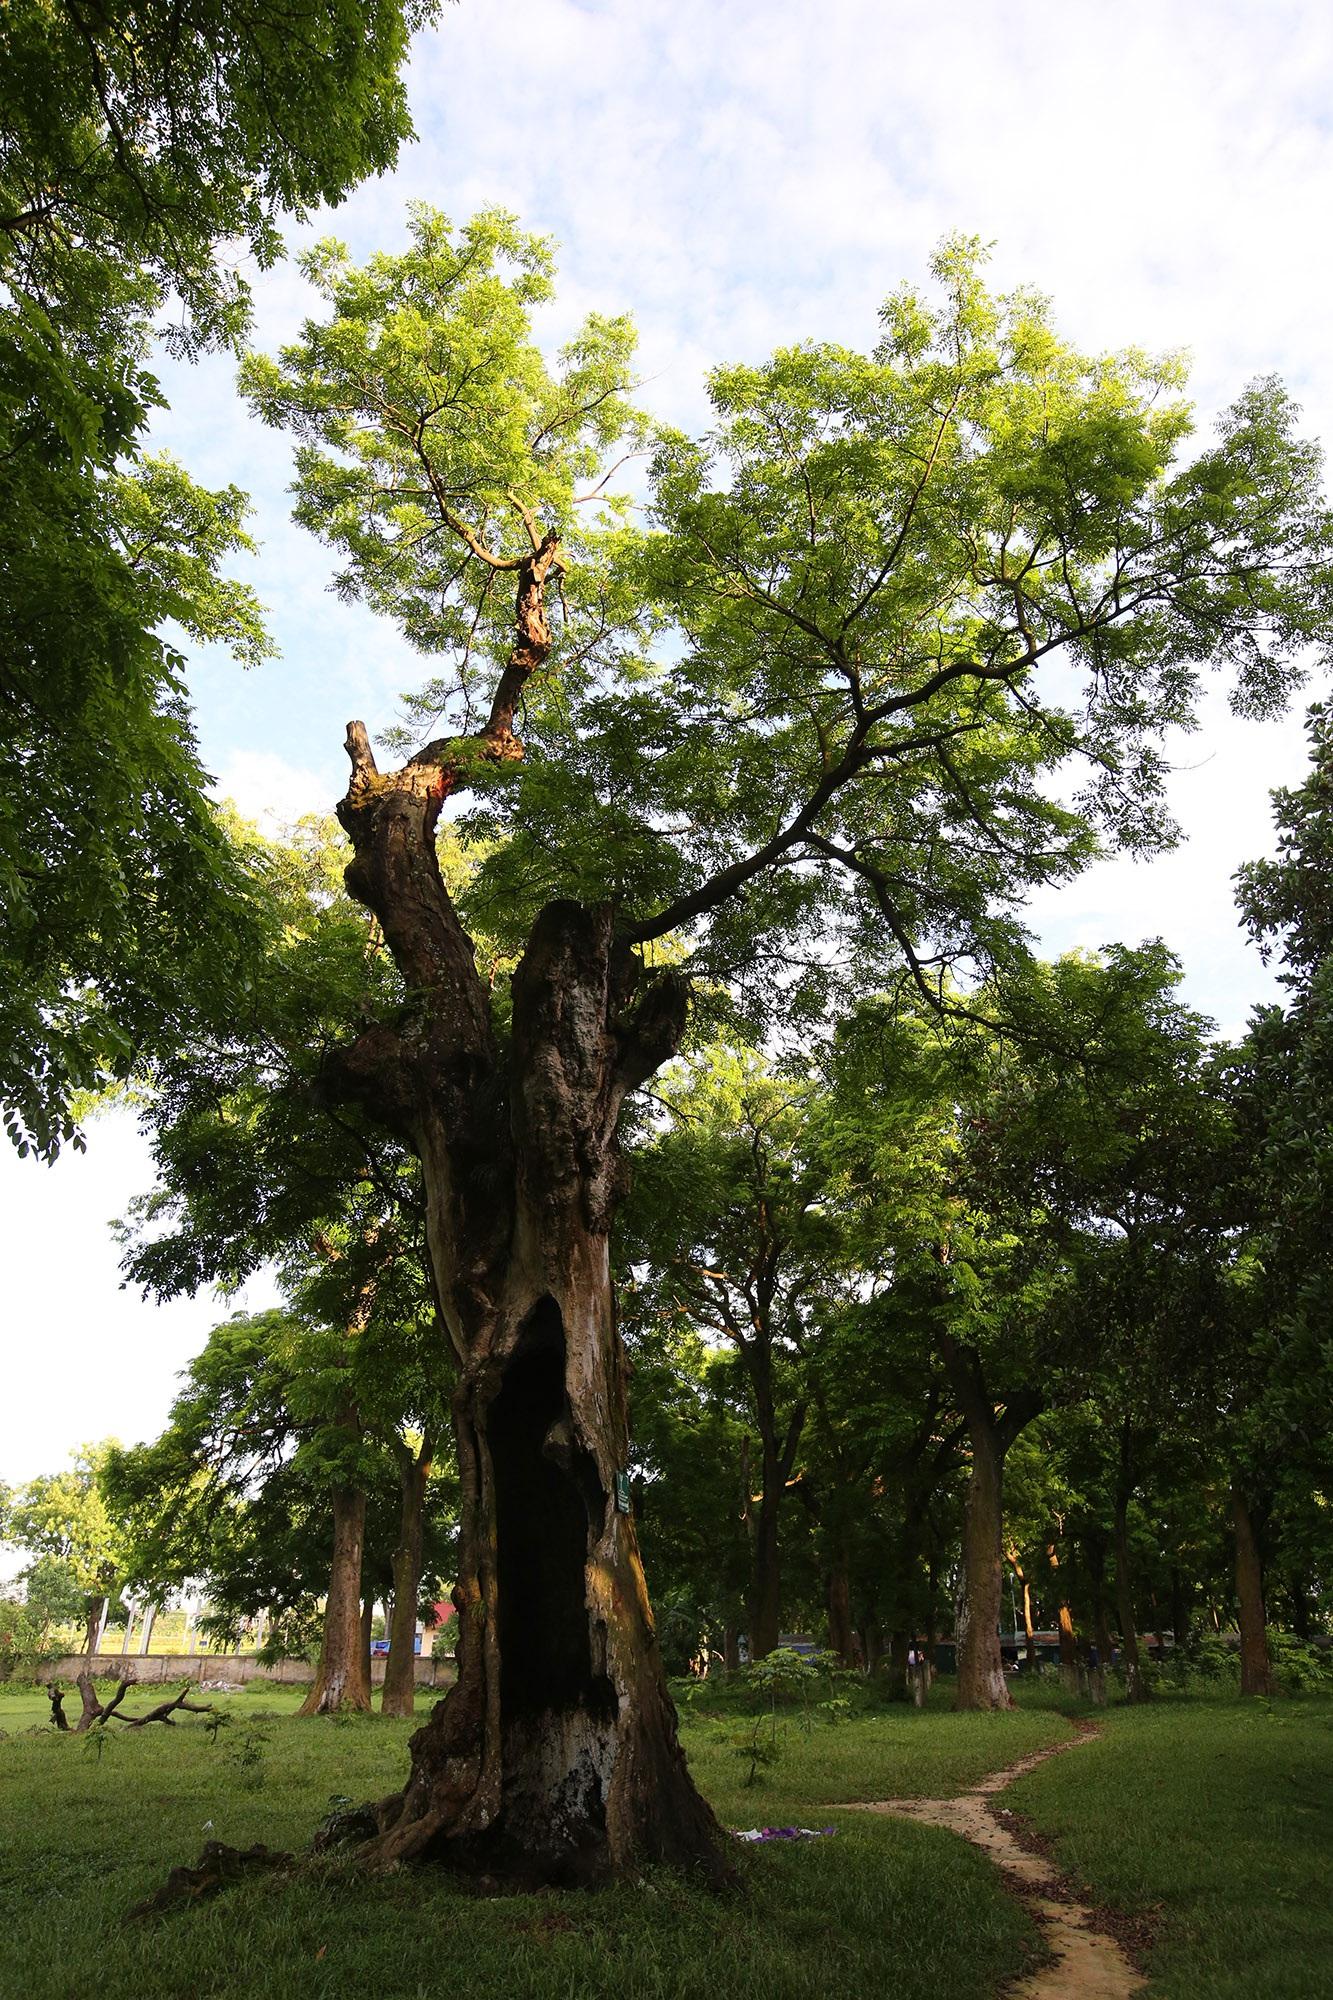 Rừng lim xanh cổ thụ hơn nghìn năm tuổi ngay tại Hà Nội - 9